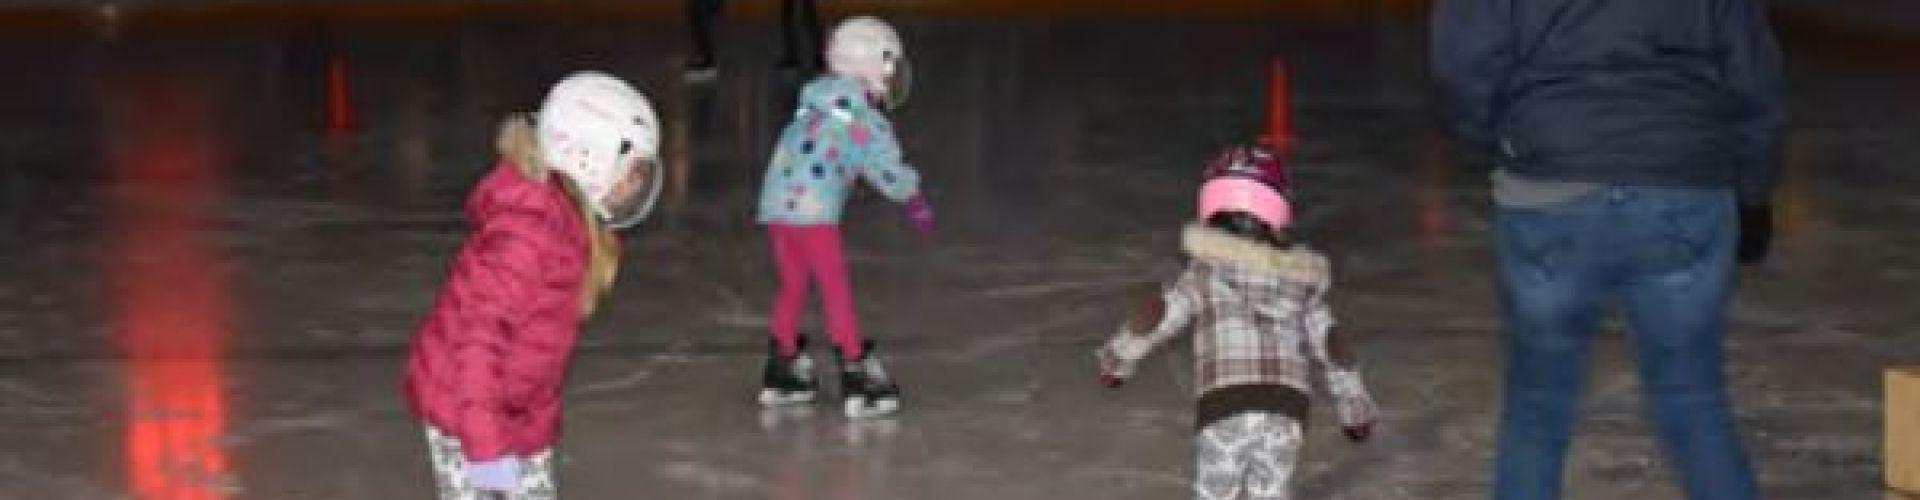 skate-sun-bowl-arena